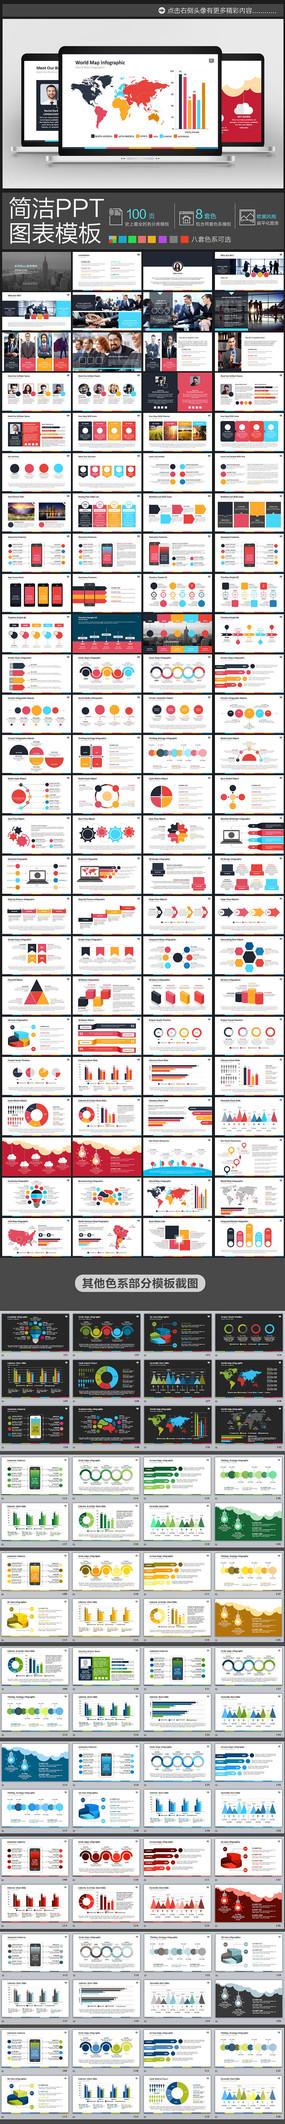 100页8套色欧美大气商务汇报ppt图表模板